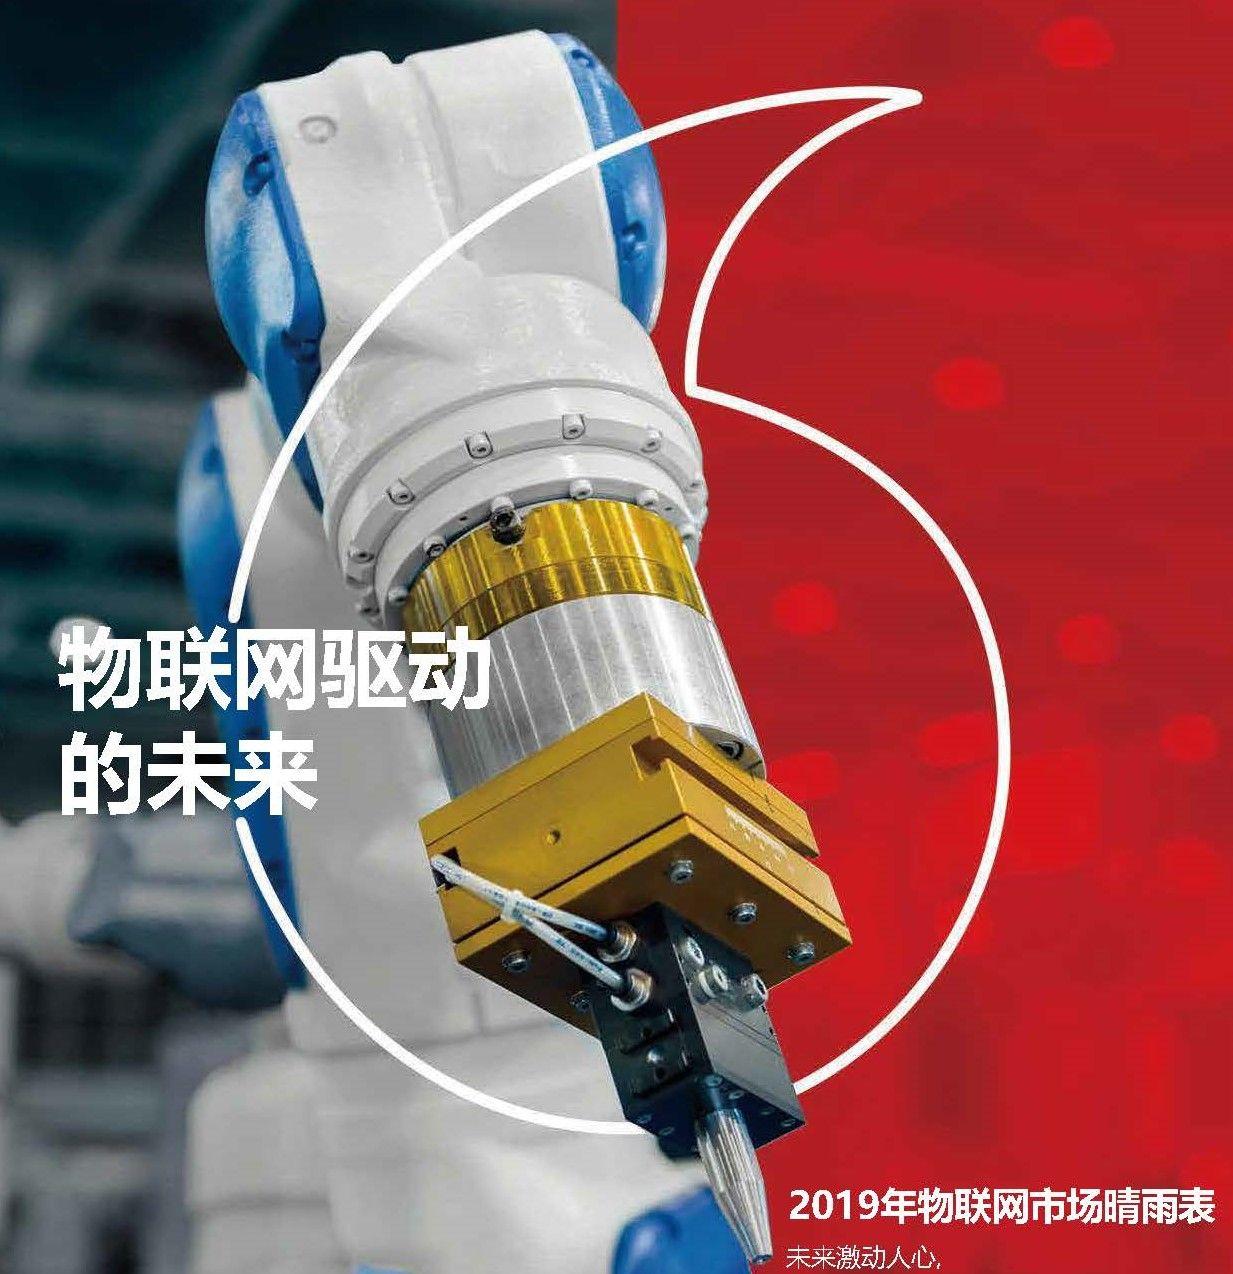 2019年物联网市场晴雨表(PDF下载)